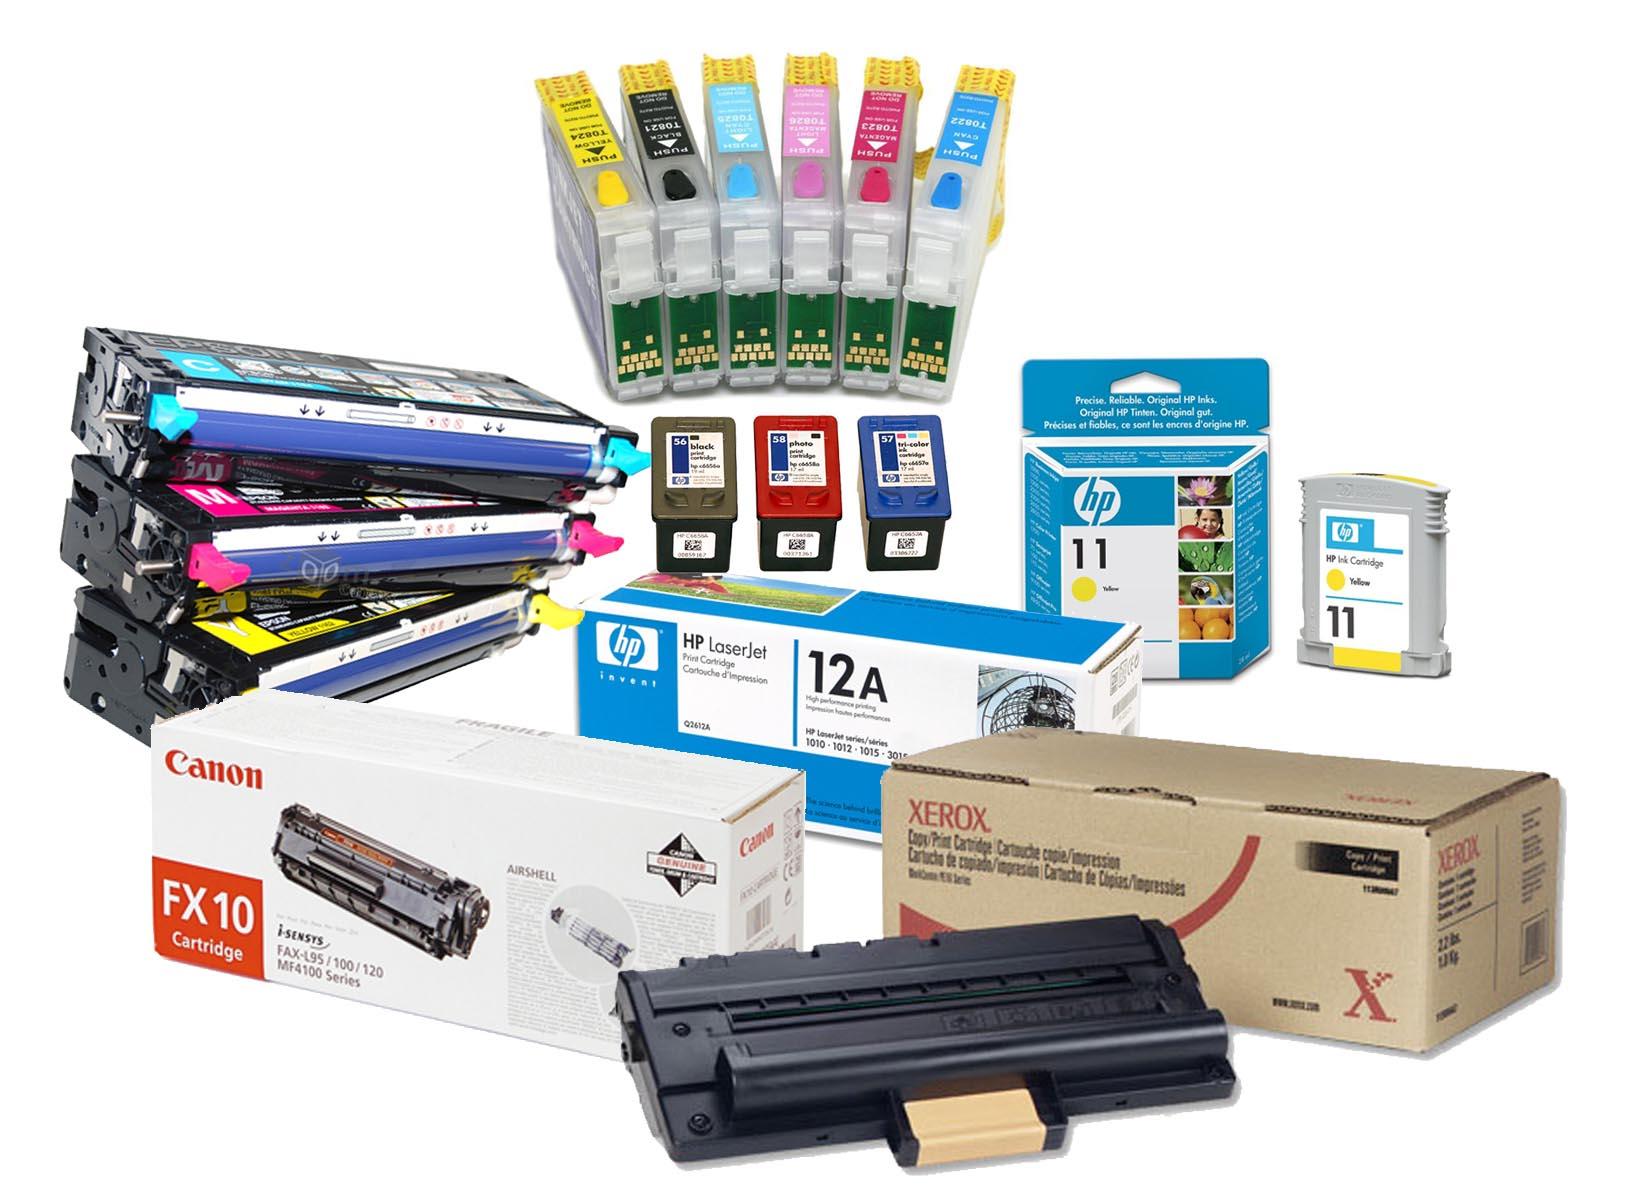 Сбор заказов. Расходные материалы для оргтехники-картриджи для принтеров оригинальные и совместимые, барабаны, чипы